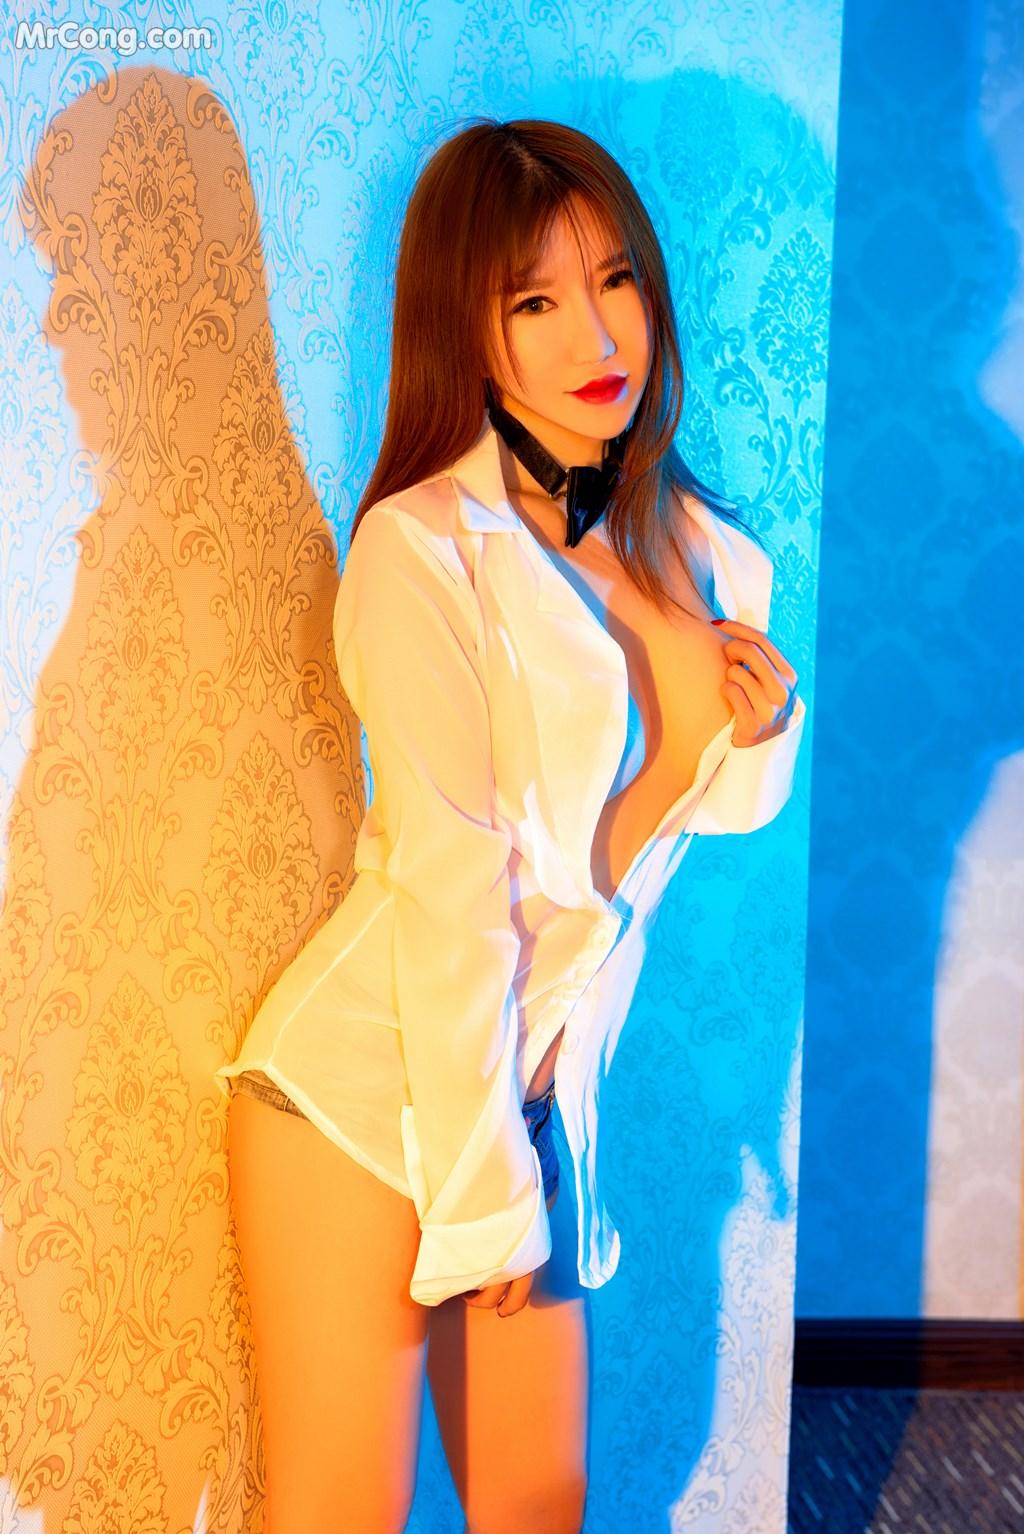 Image SLADY-2017-05-25-No.002-Han-Enxi-MrCong.com-025 in post SLADY 2017-05-25 No.002: Người mẫu Han Enxi (韩恩熙) (45 ảnh)